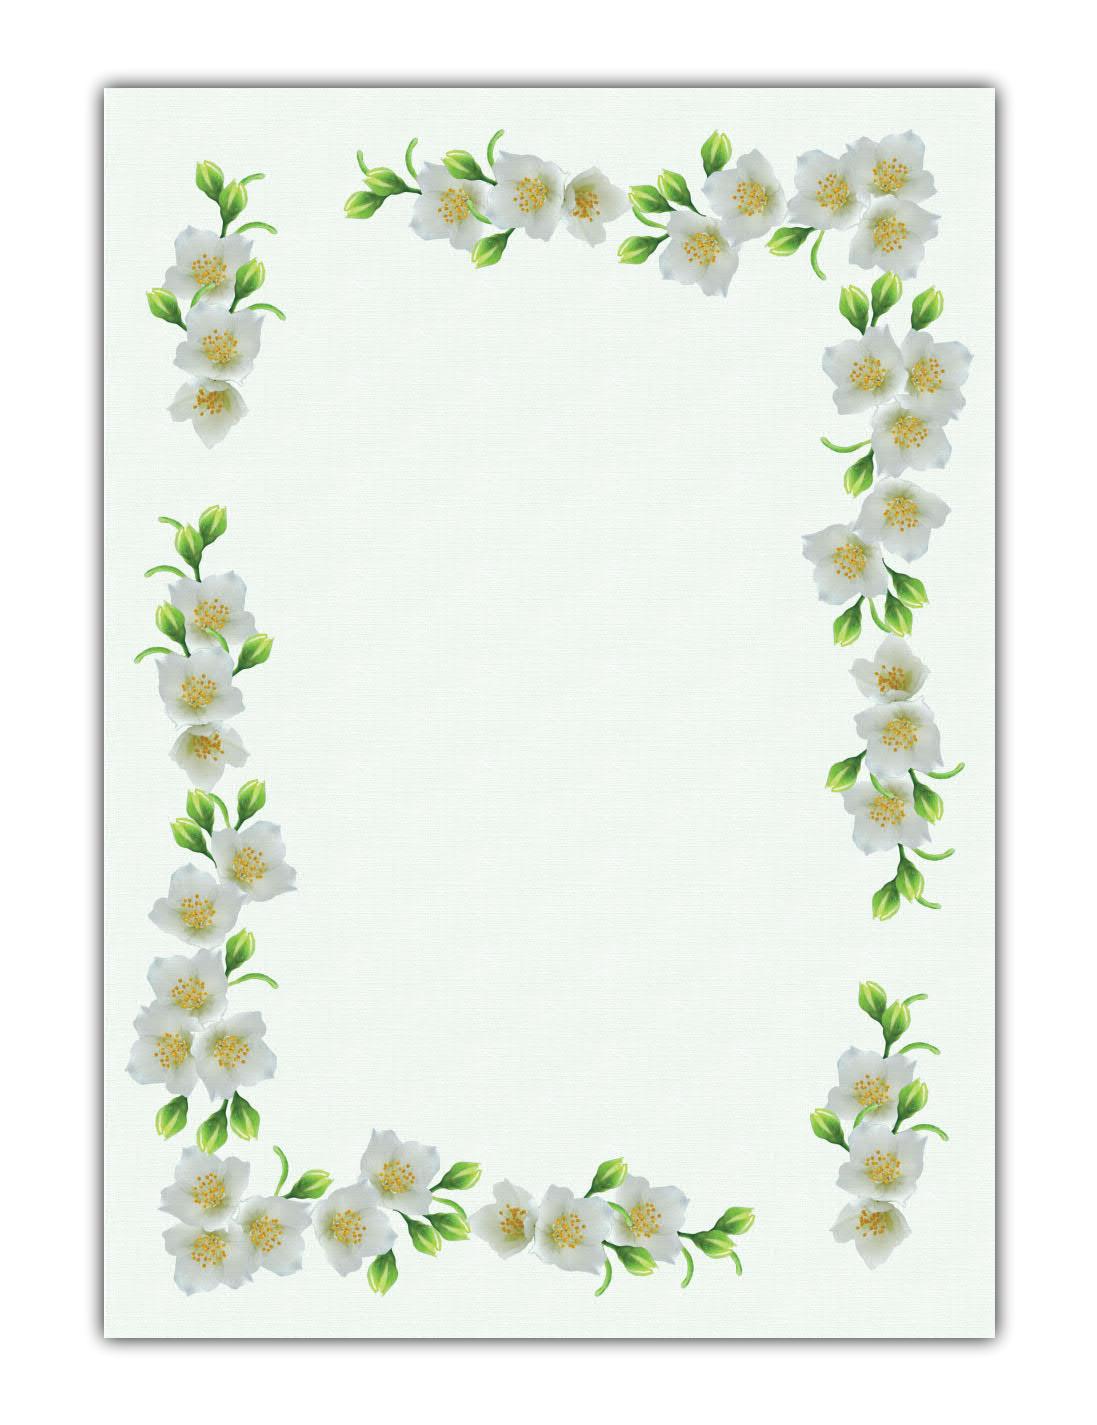 Blumen Motivpapier Briefpapier schöner weißer Jasmin (MPA-5190, DIN A4, 100 Blatt)